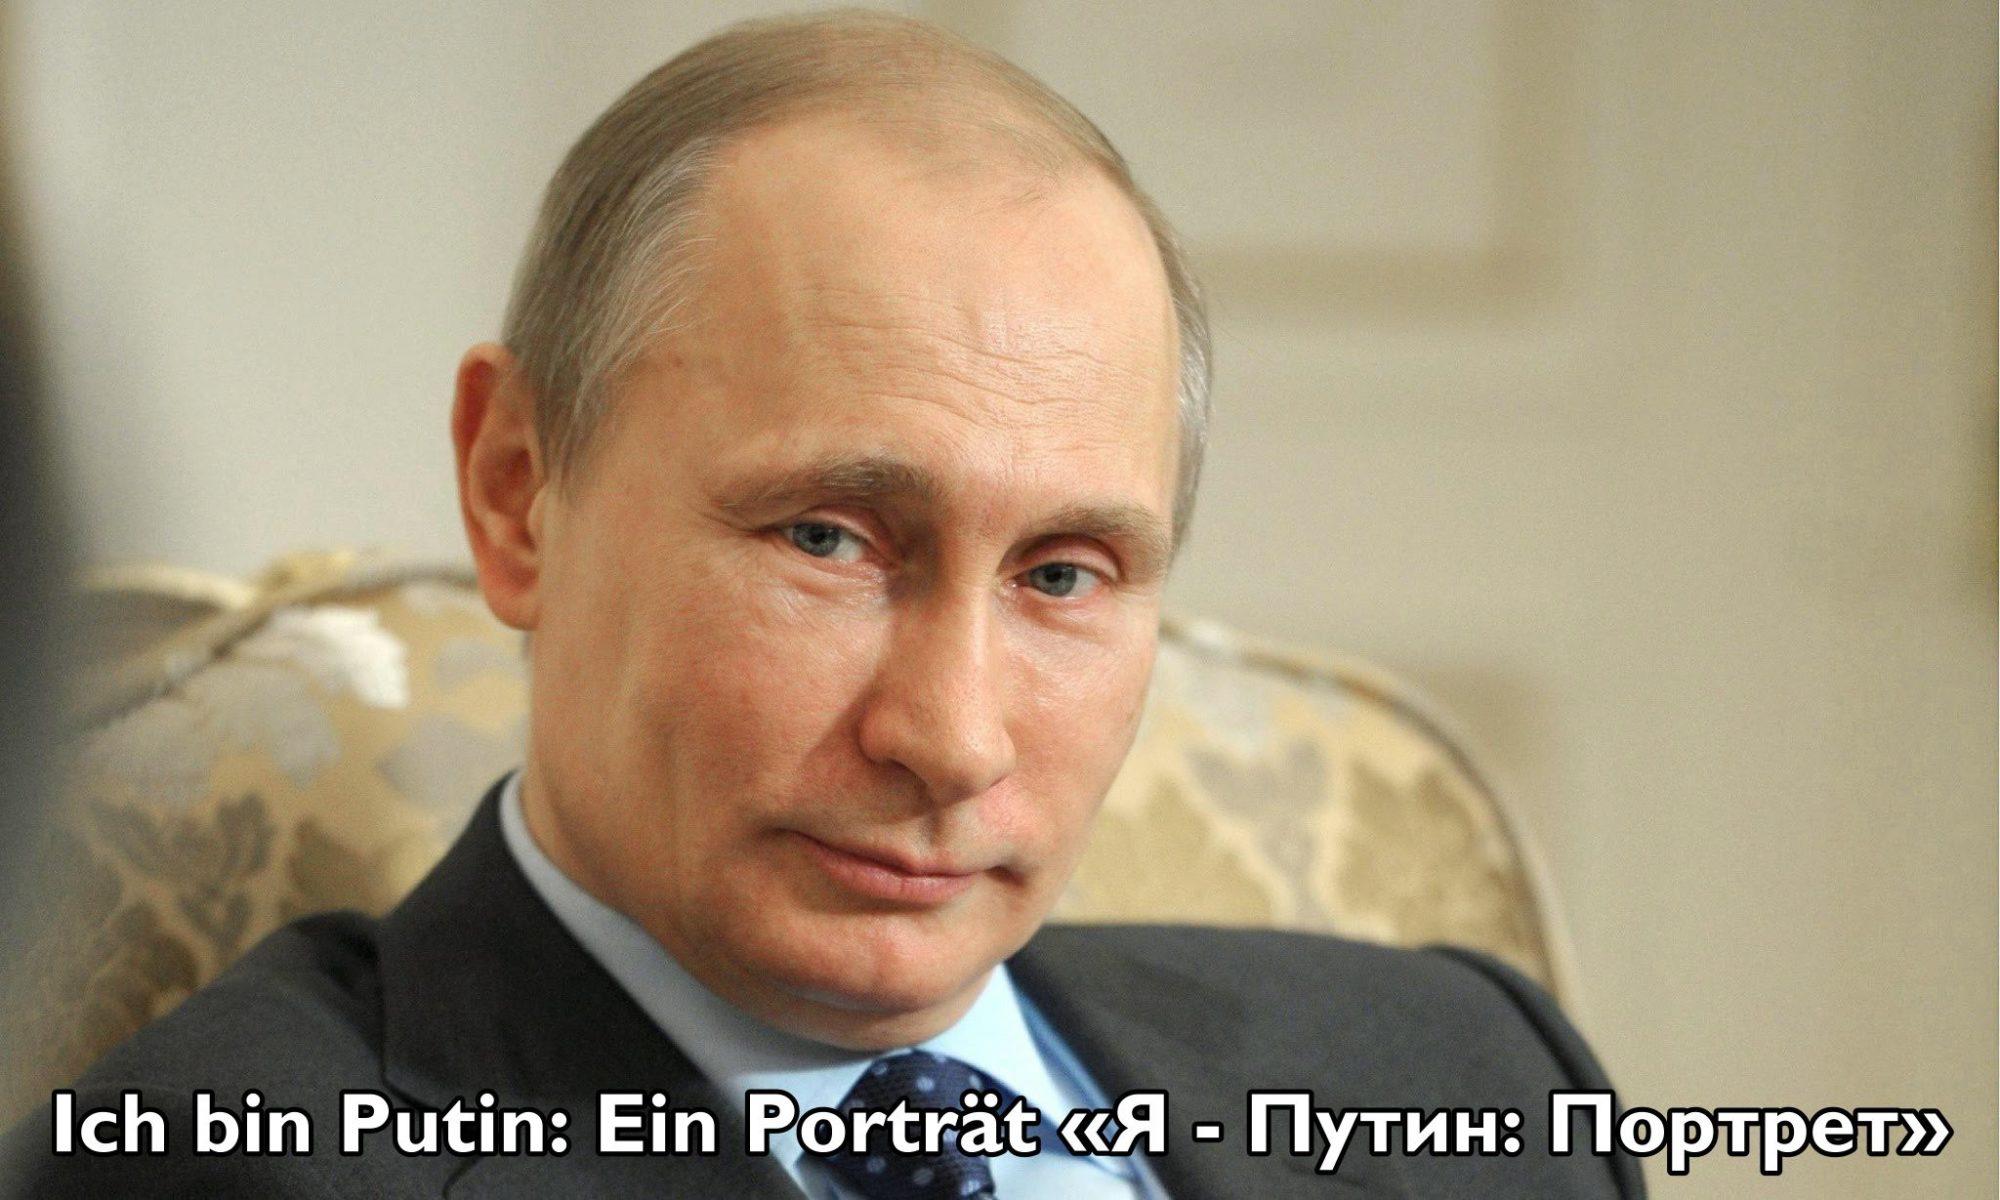 # Я ПУТИН!